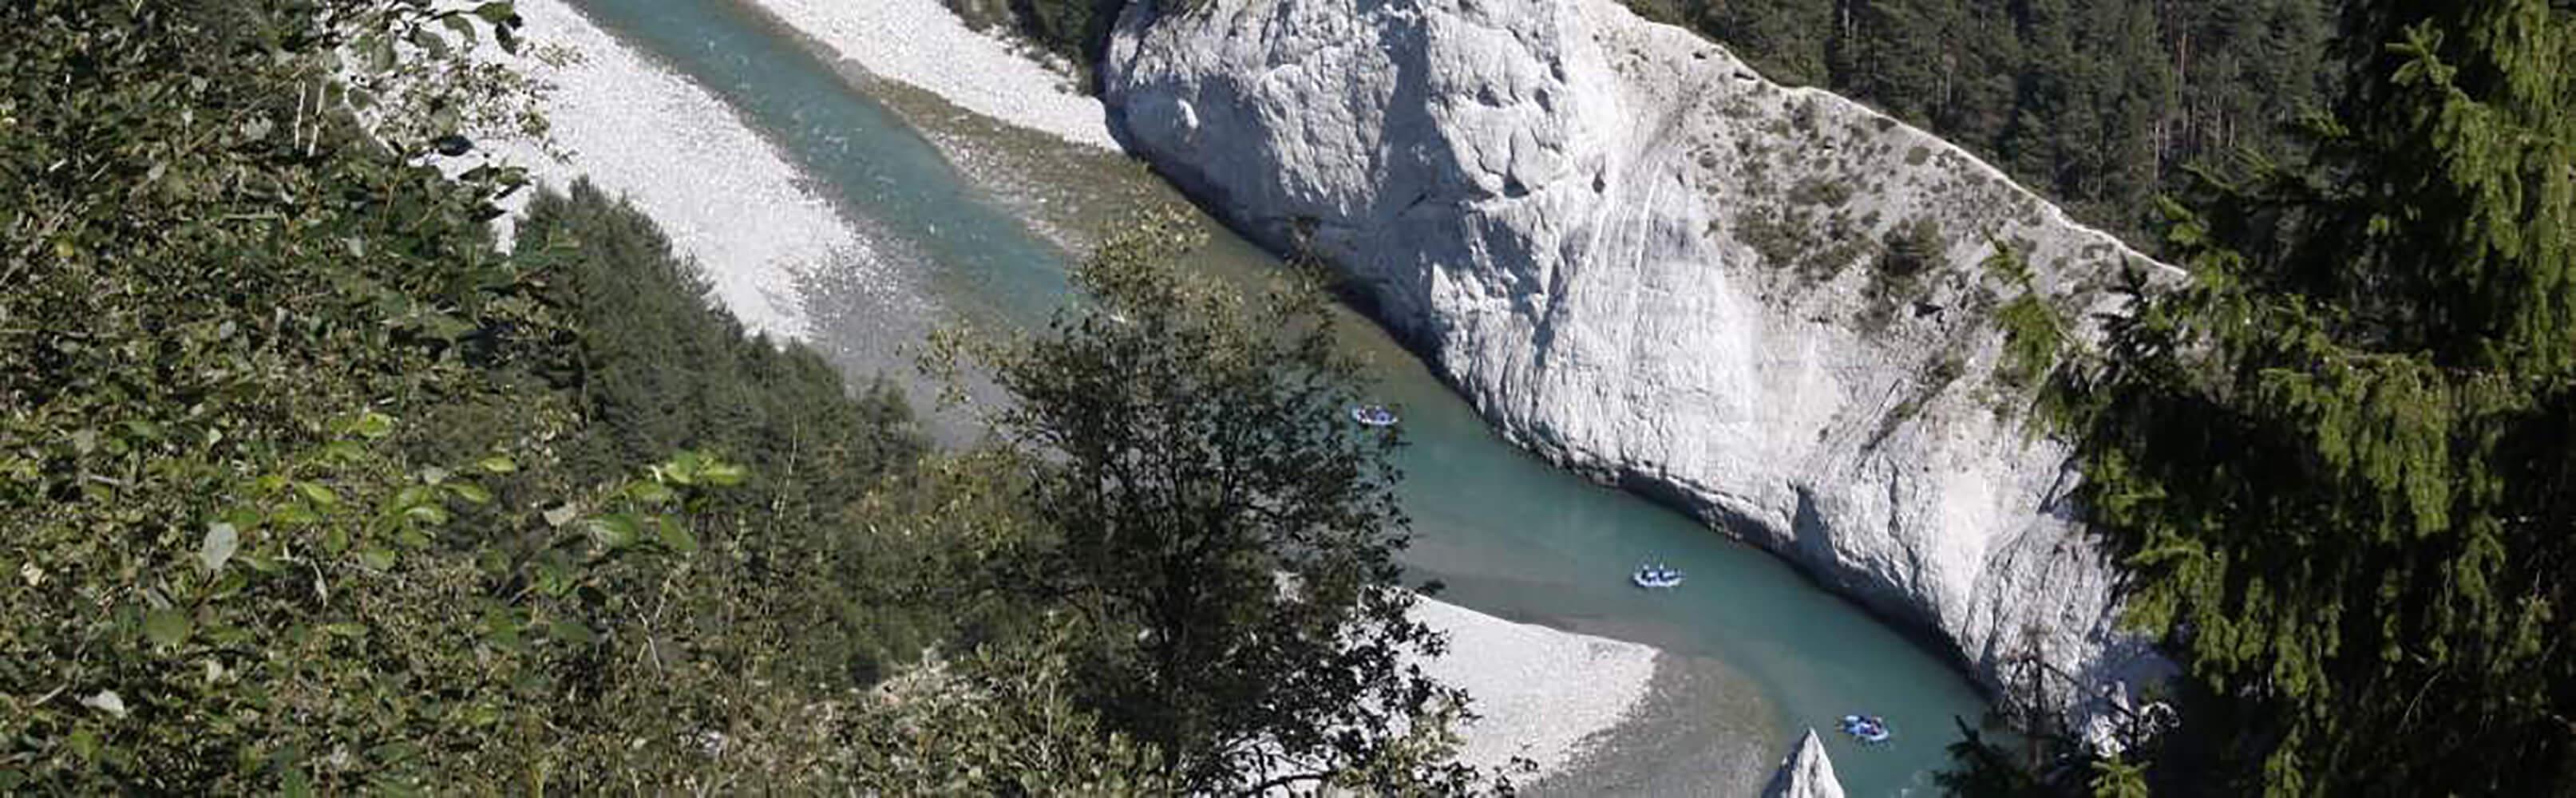 River Rafting auf dem Vorderrhein mit Swiss River Adventures 1